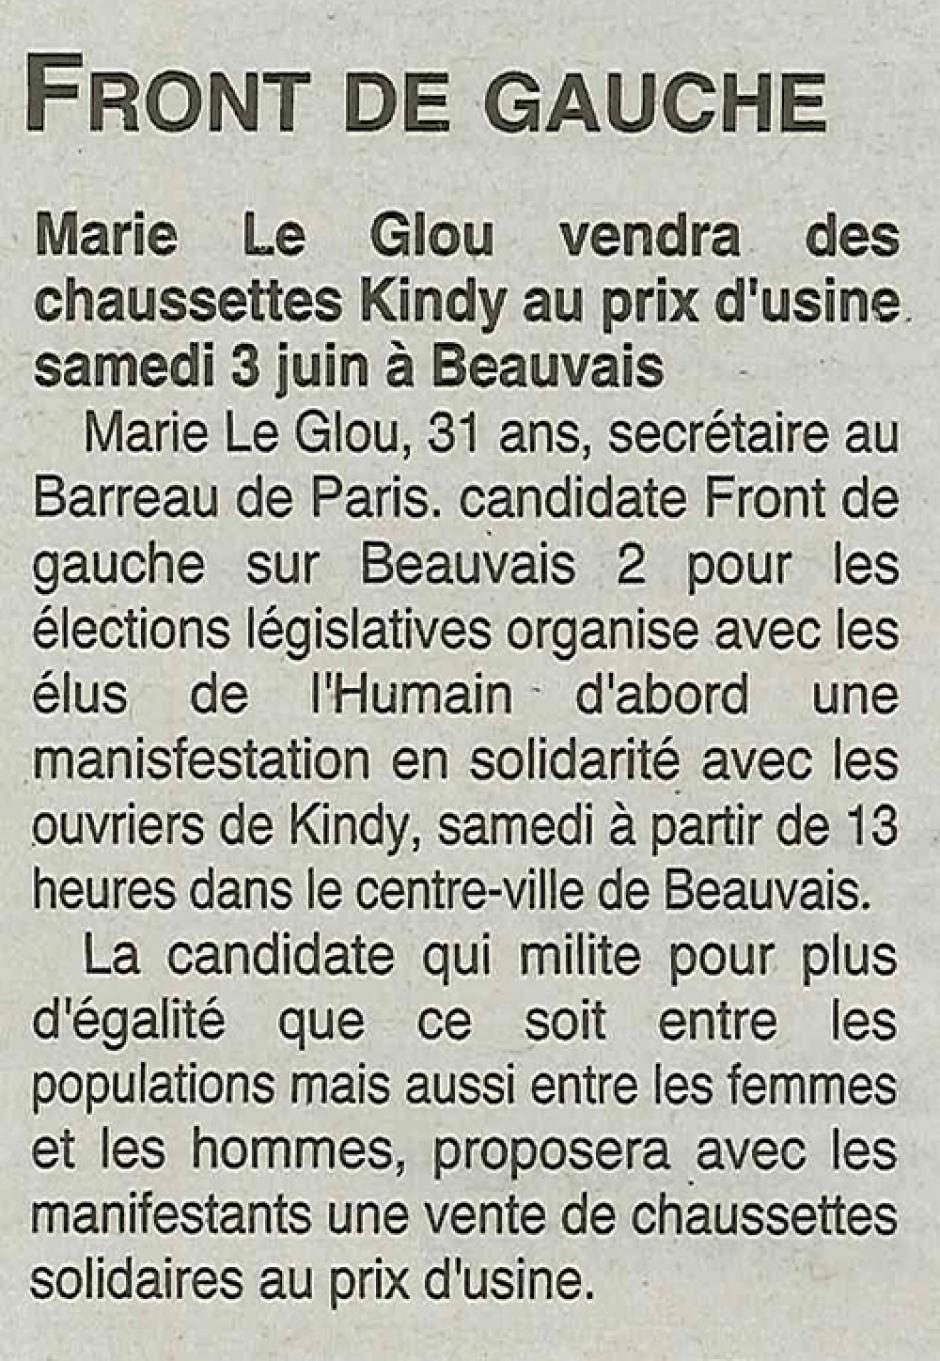 20170531-OH-L2017-2C-Marie Le Glou vendra des chaussettes Kindy au prix d'usine samedi 3 juin à Beauvais